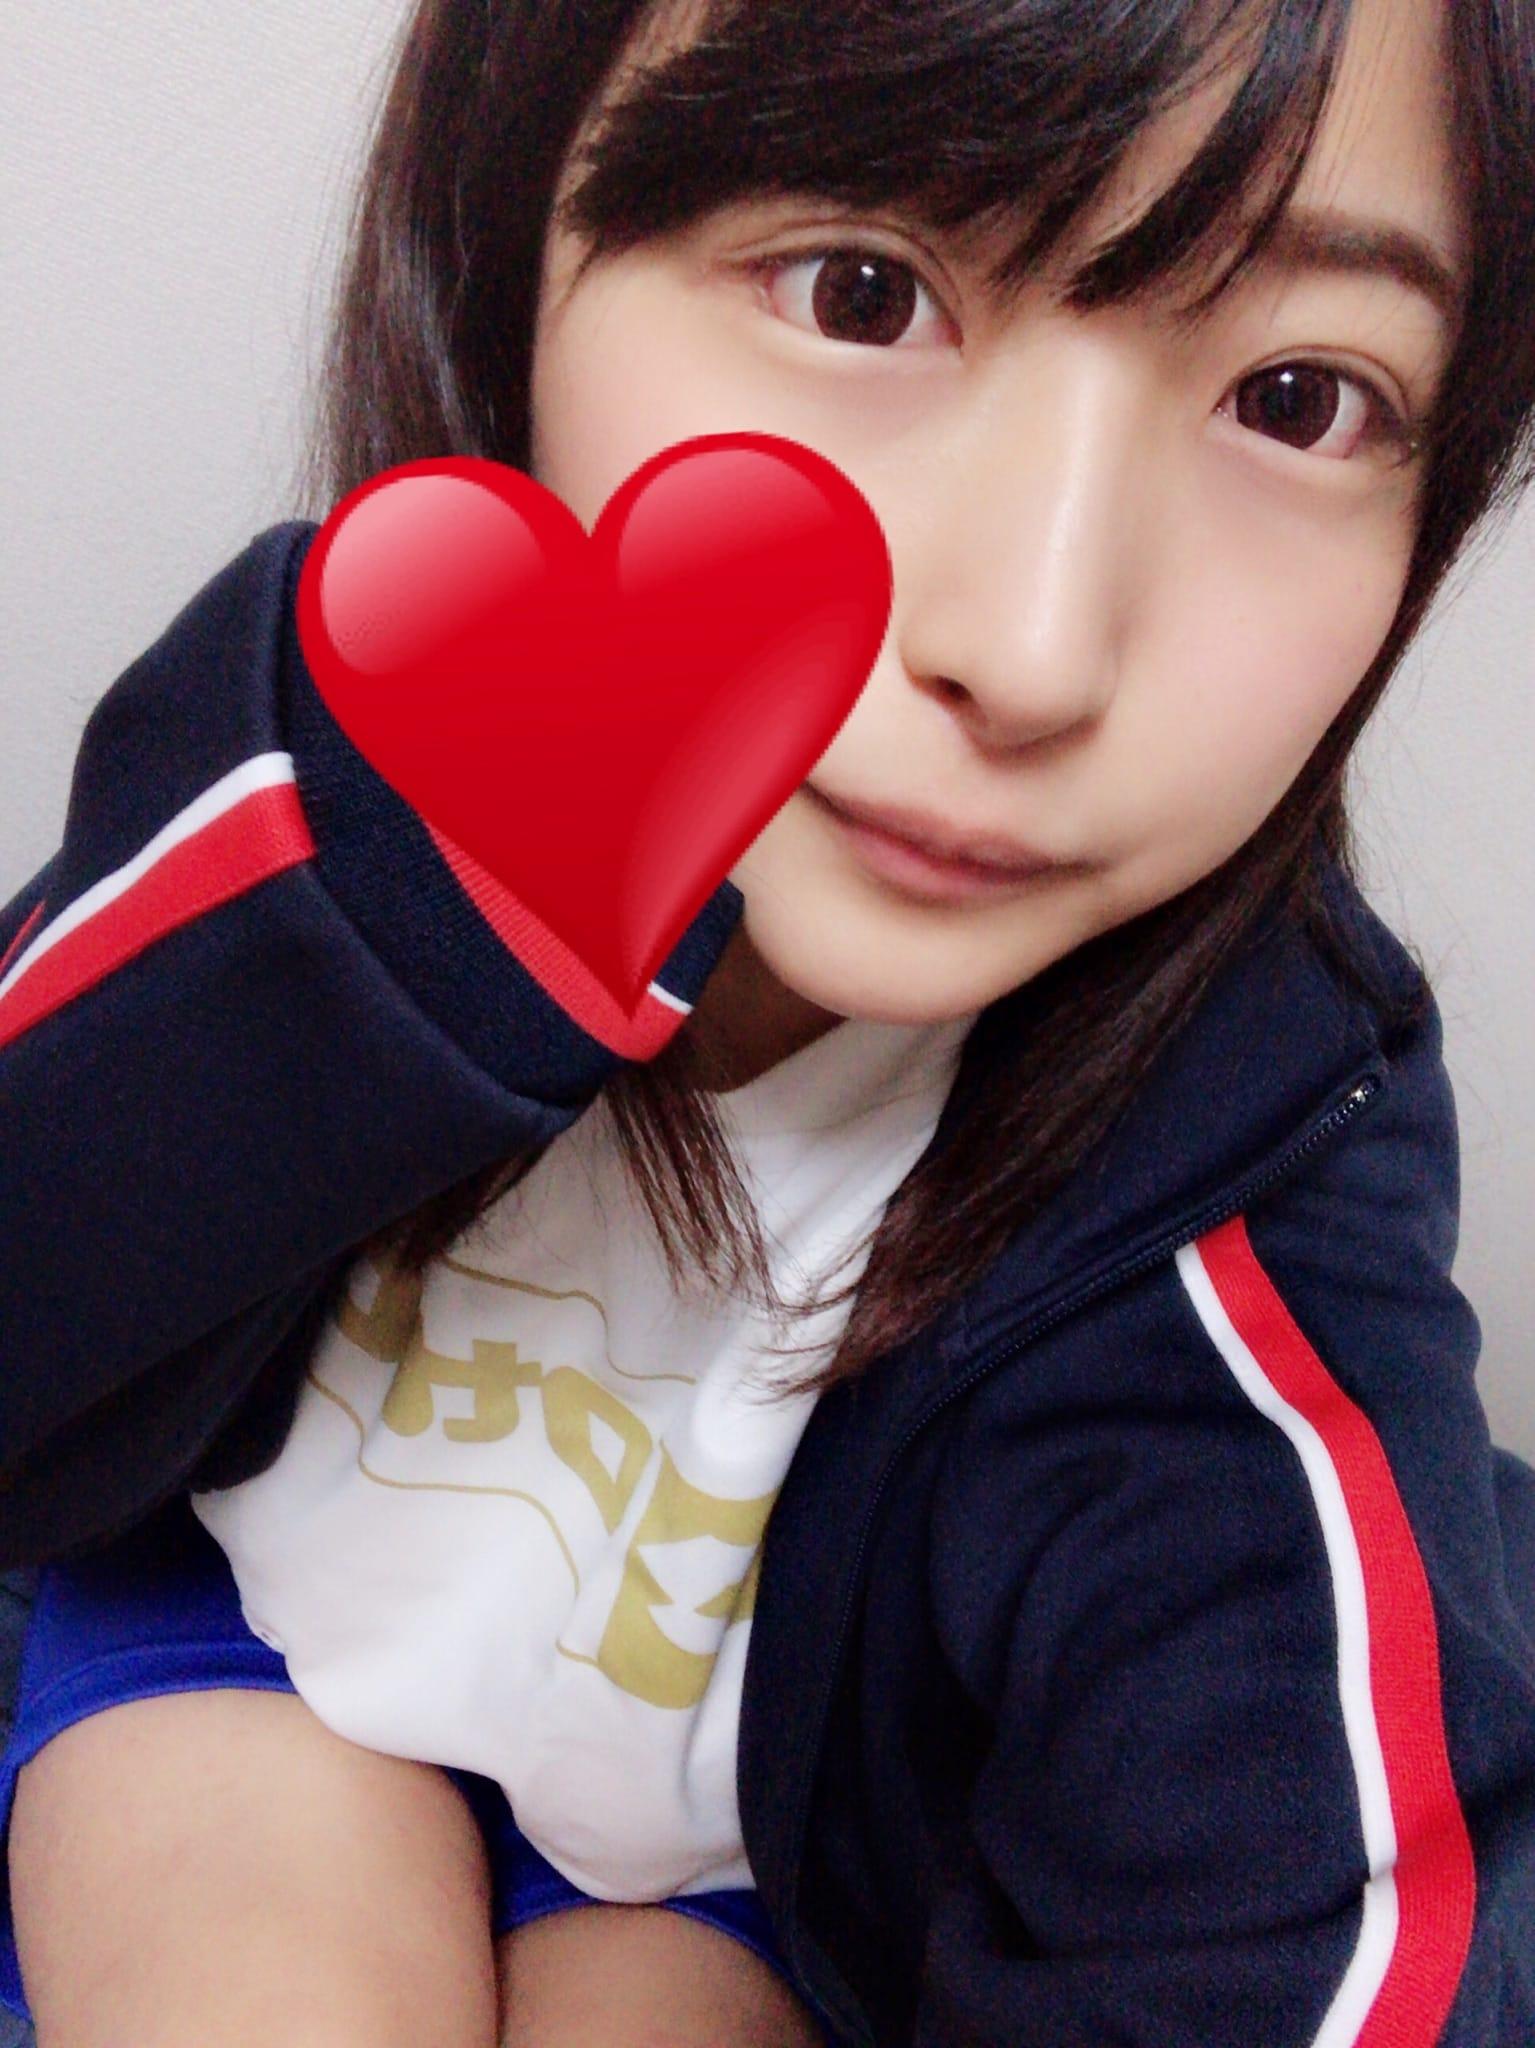 「さむい!」01/26(01/26) 16:27 | あいの写メ・風俗動画